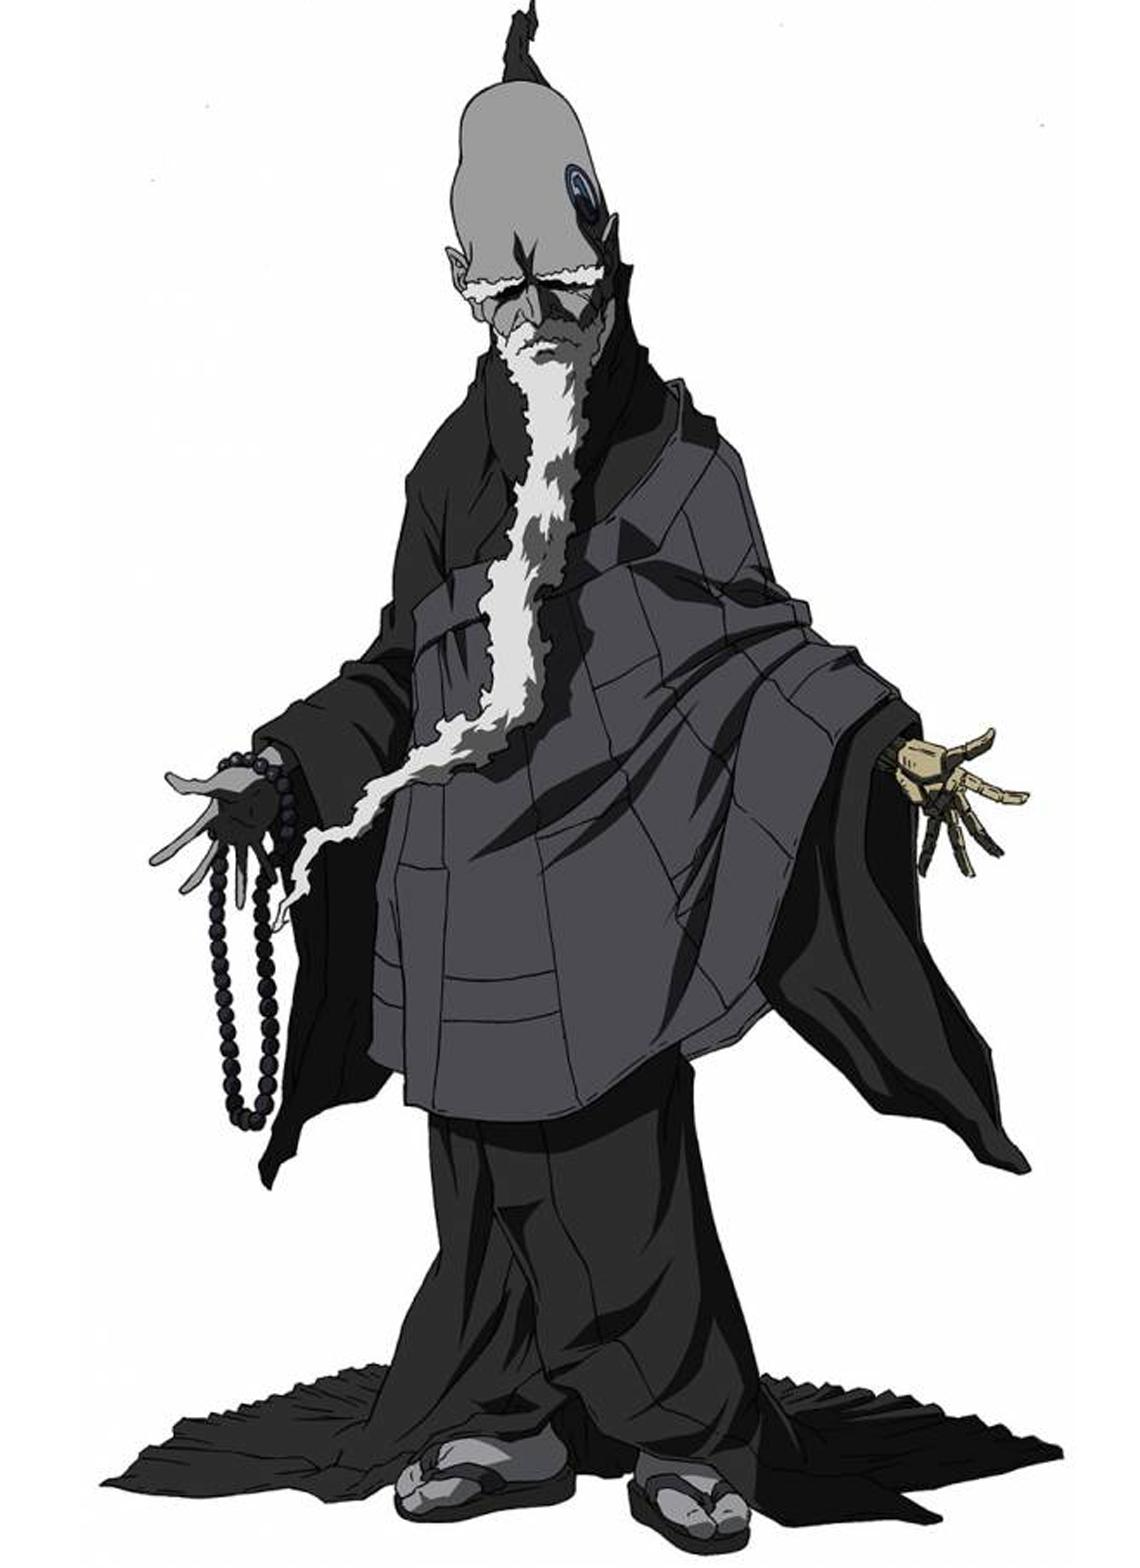 Shinigami Wolf Afro Samurai Samurai Anime Samurai